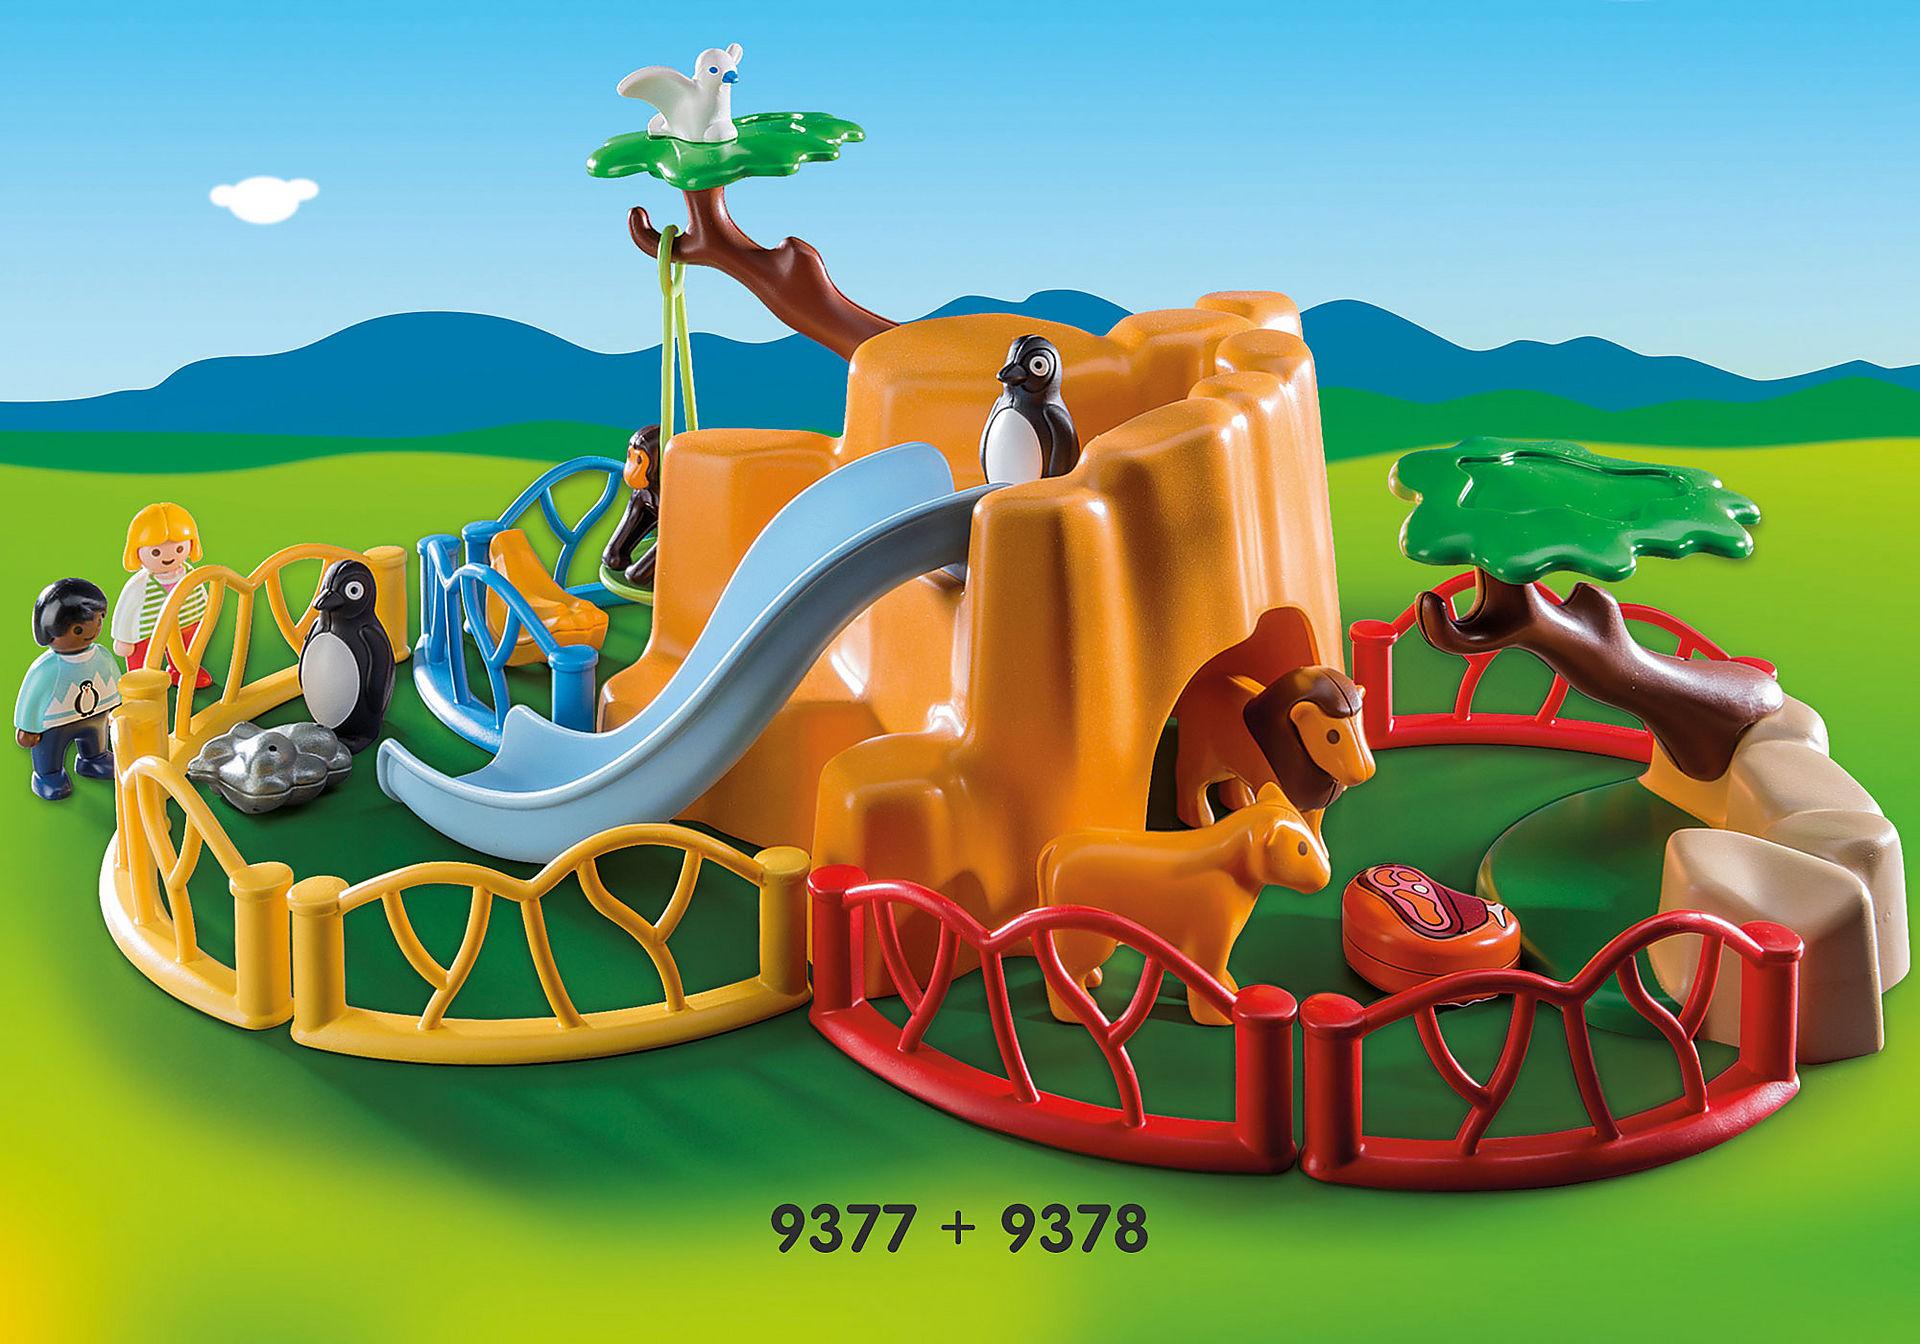 9377 Ζωολογικός Κήπος zoom image5